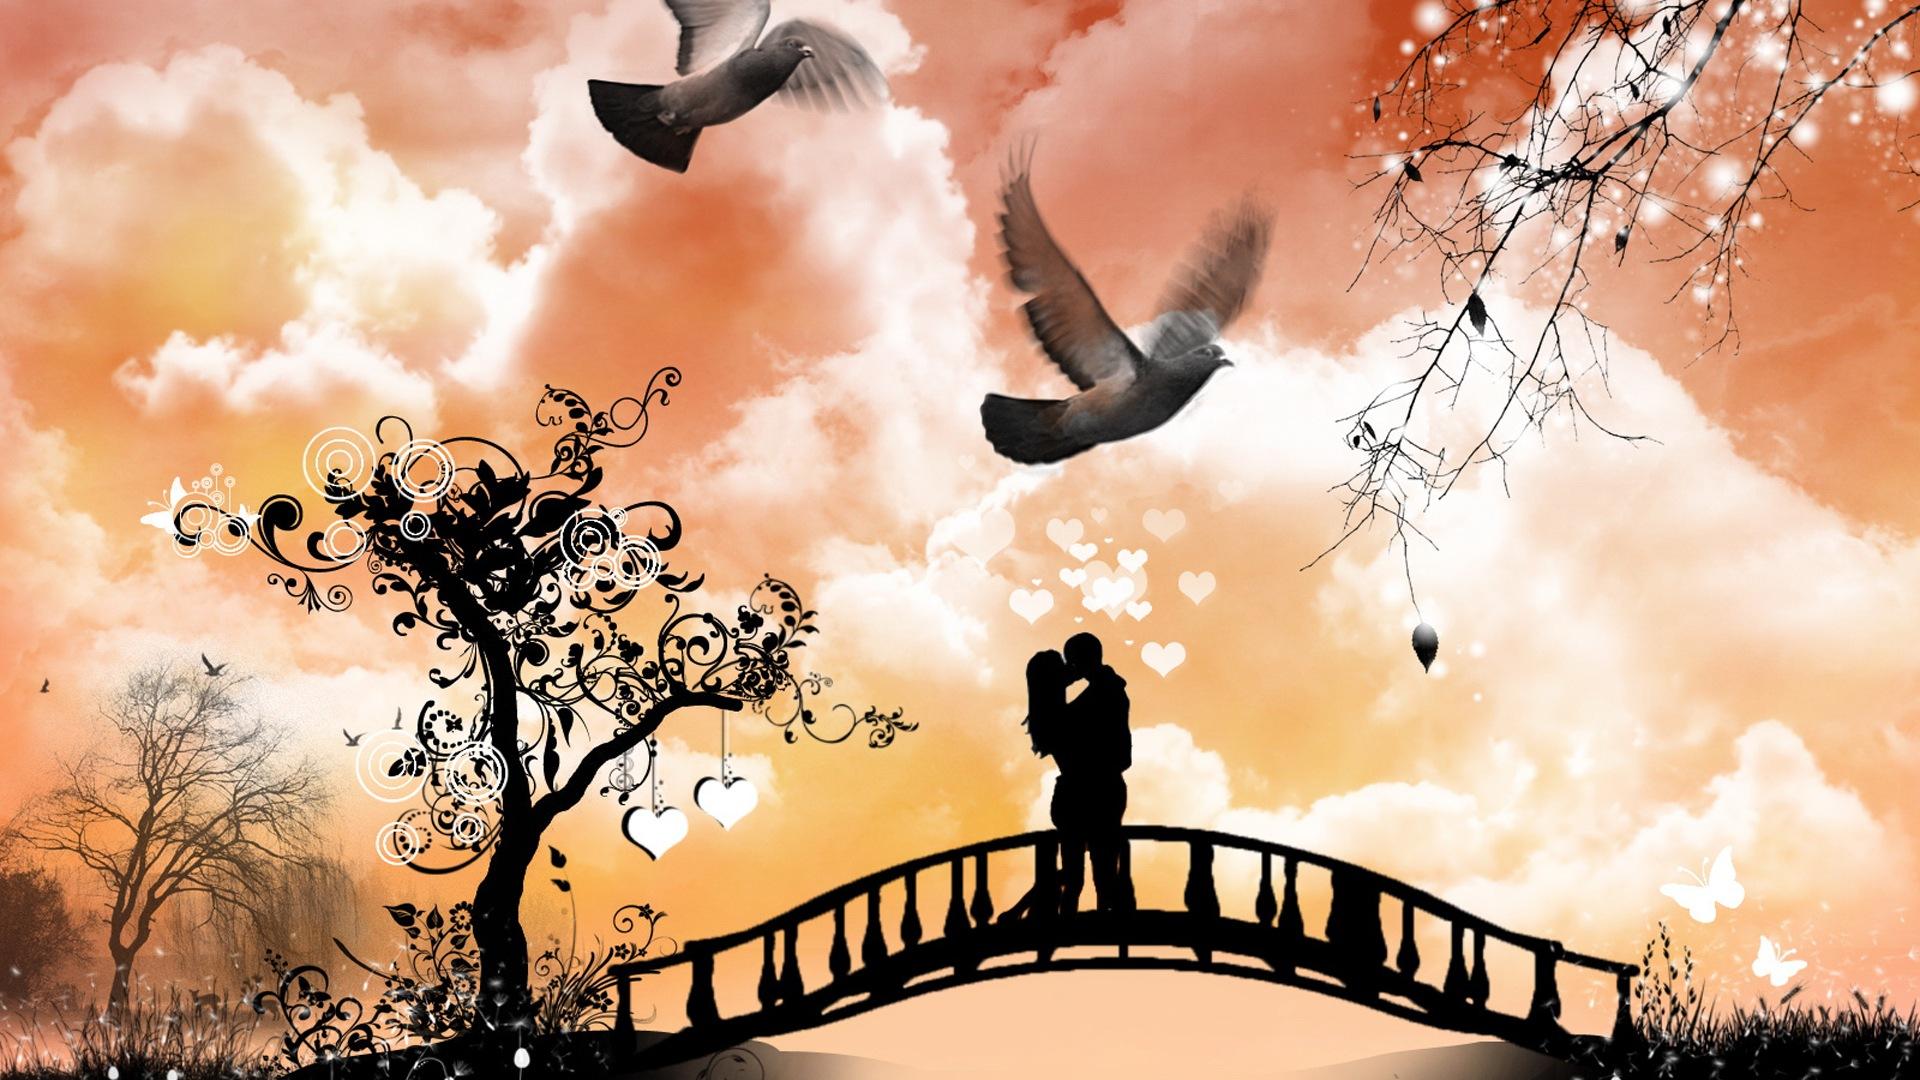 Warm Und Romantischen Valentinstag Hd Wallpaper 20 1920x1080